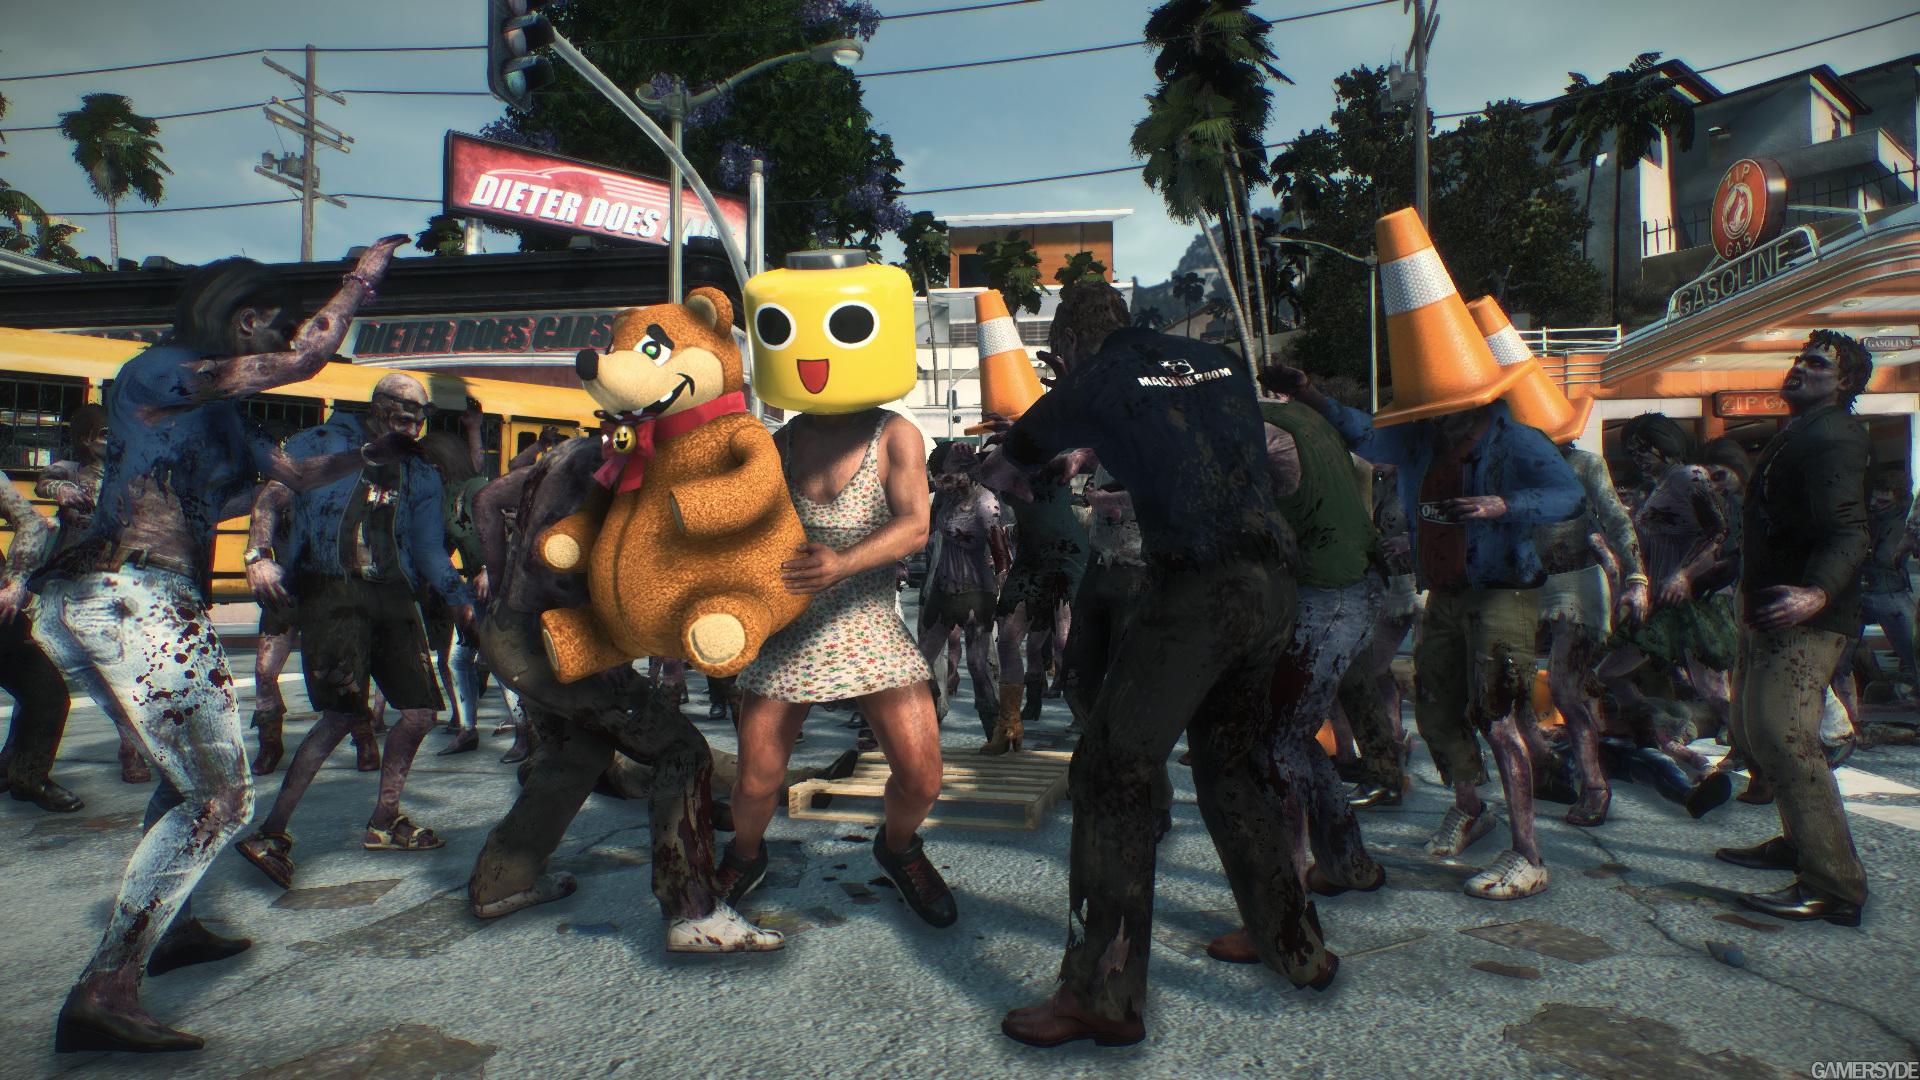 Dead rising 3 servbot mask robot bear dieter does cars zip gasoline PYLON.jpg